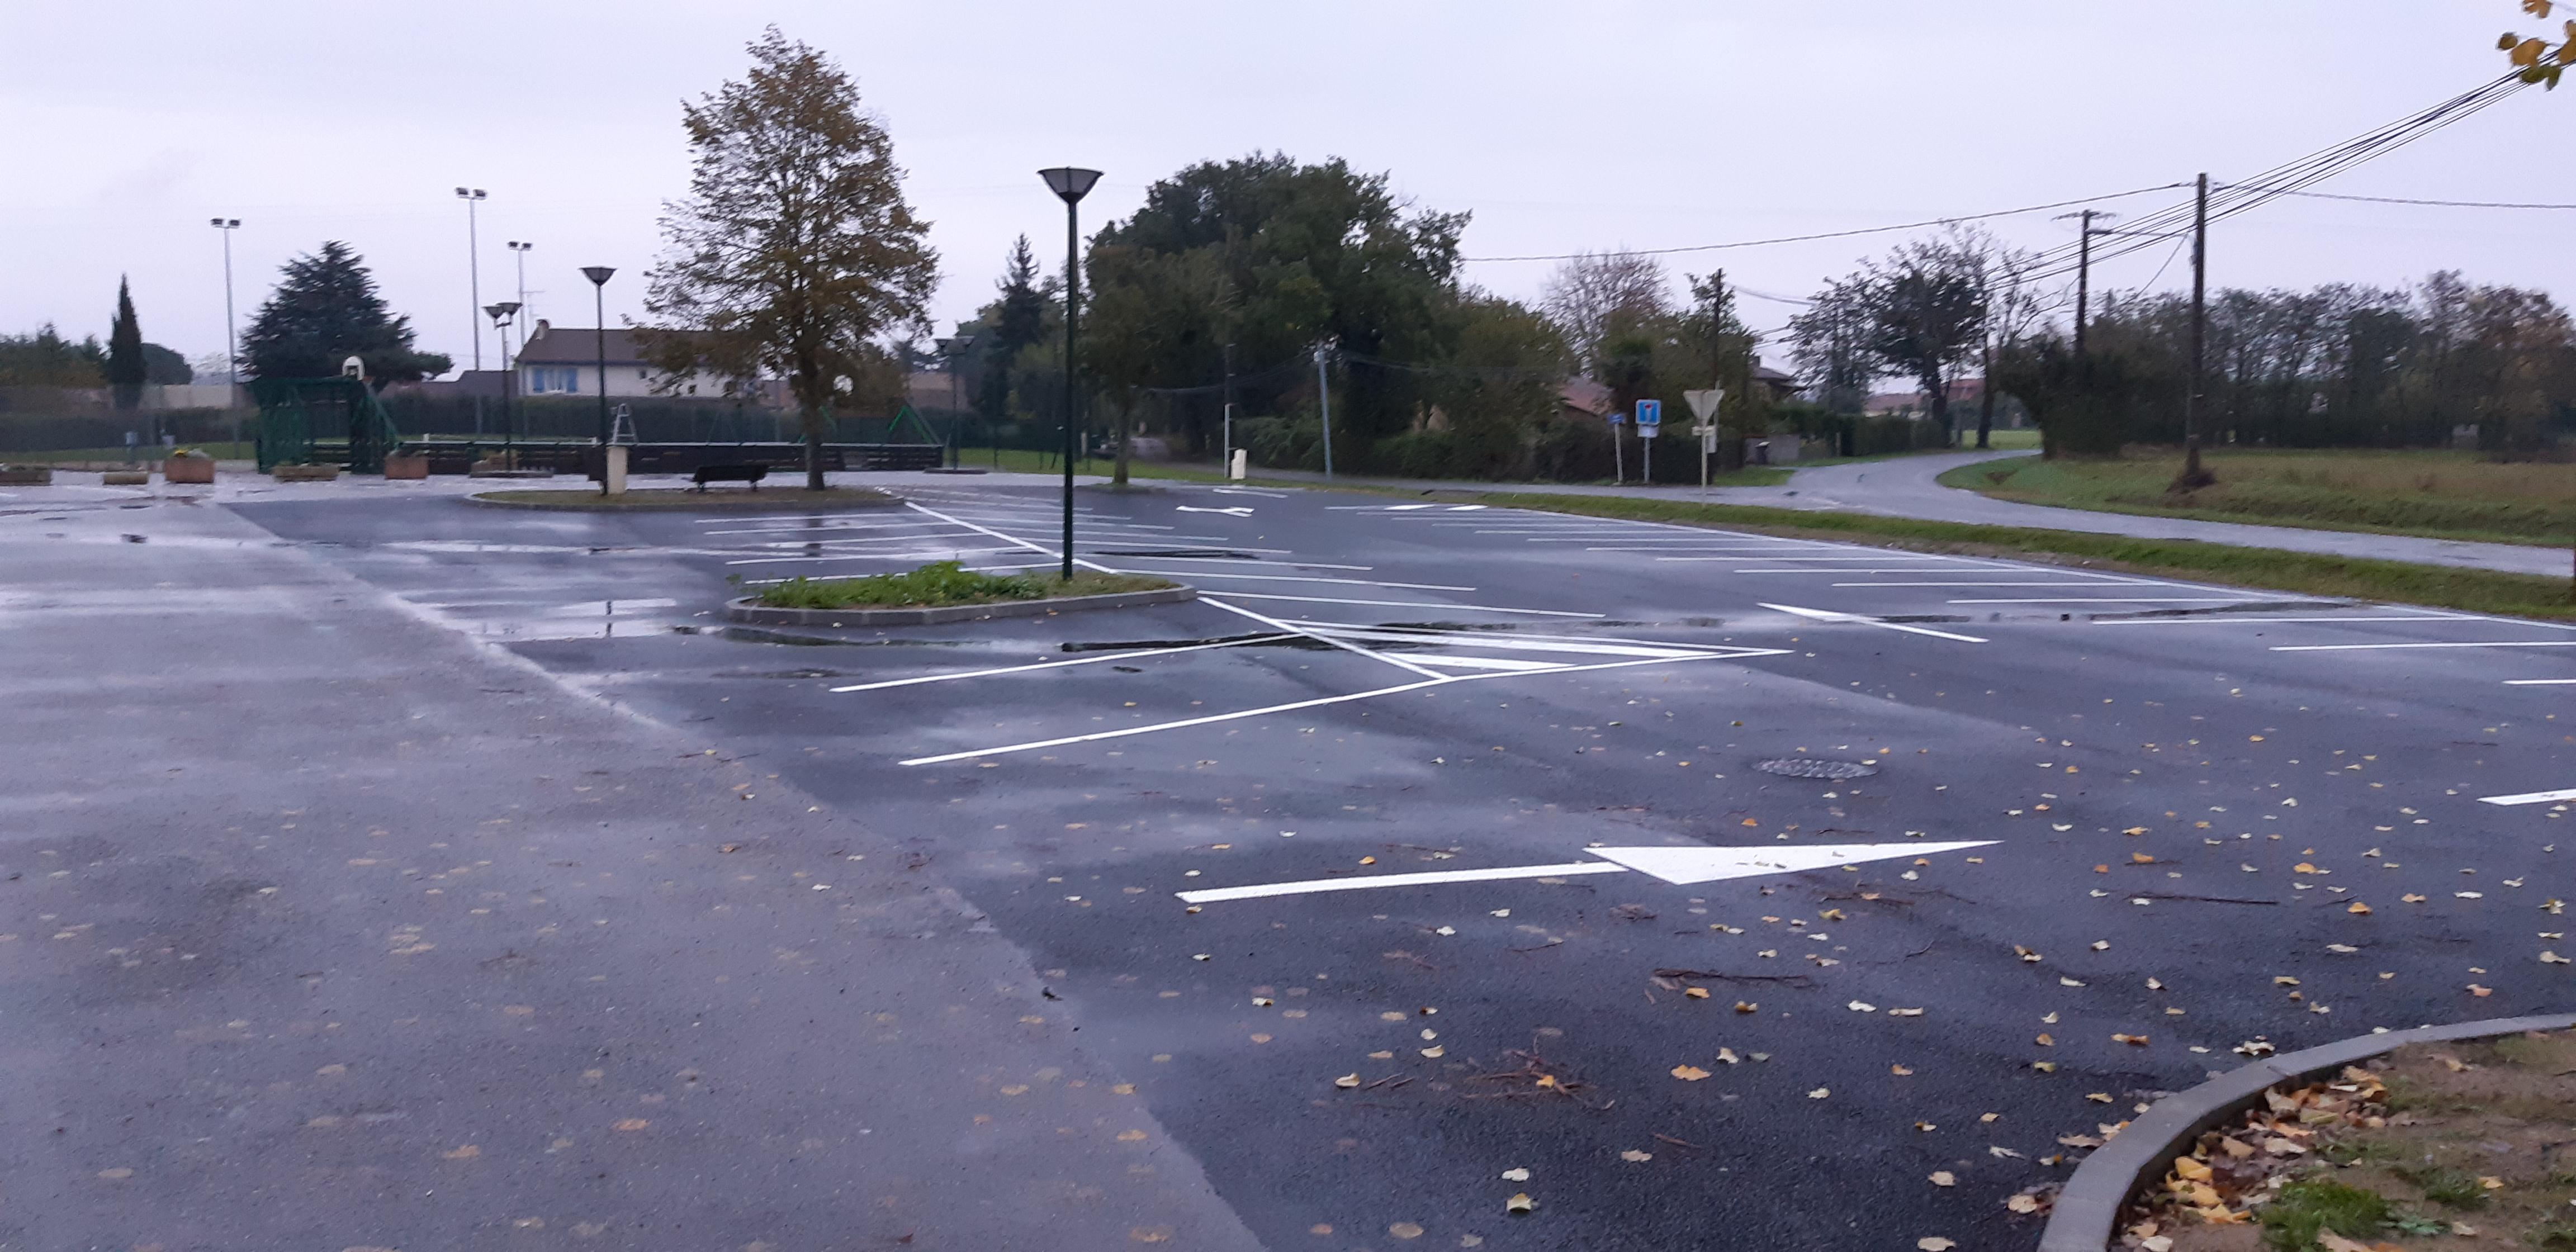 Voirie Parking salle des fetes 1